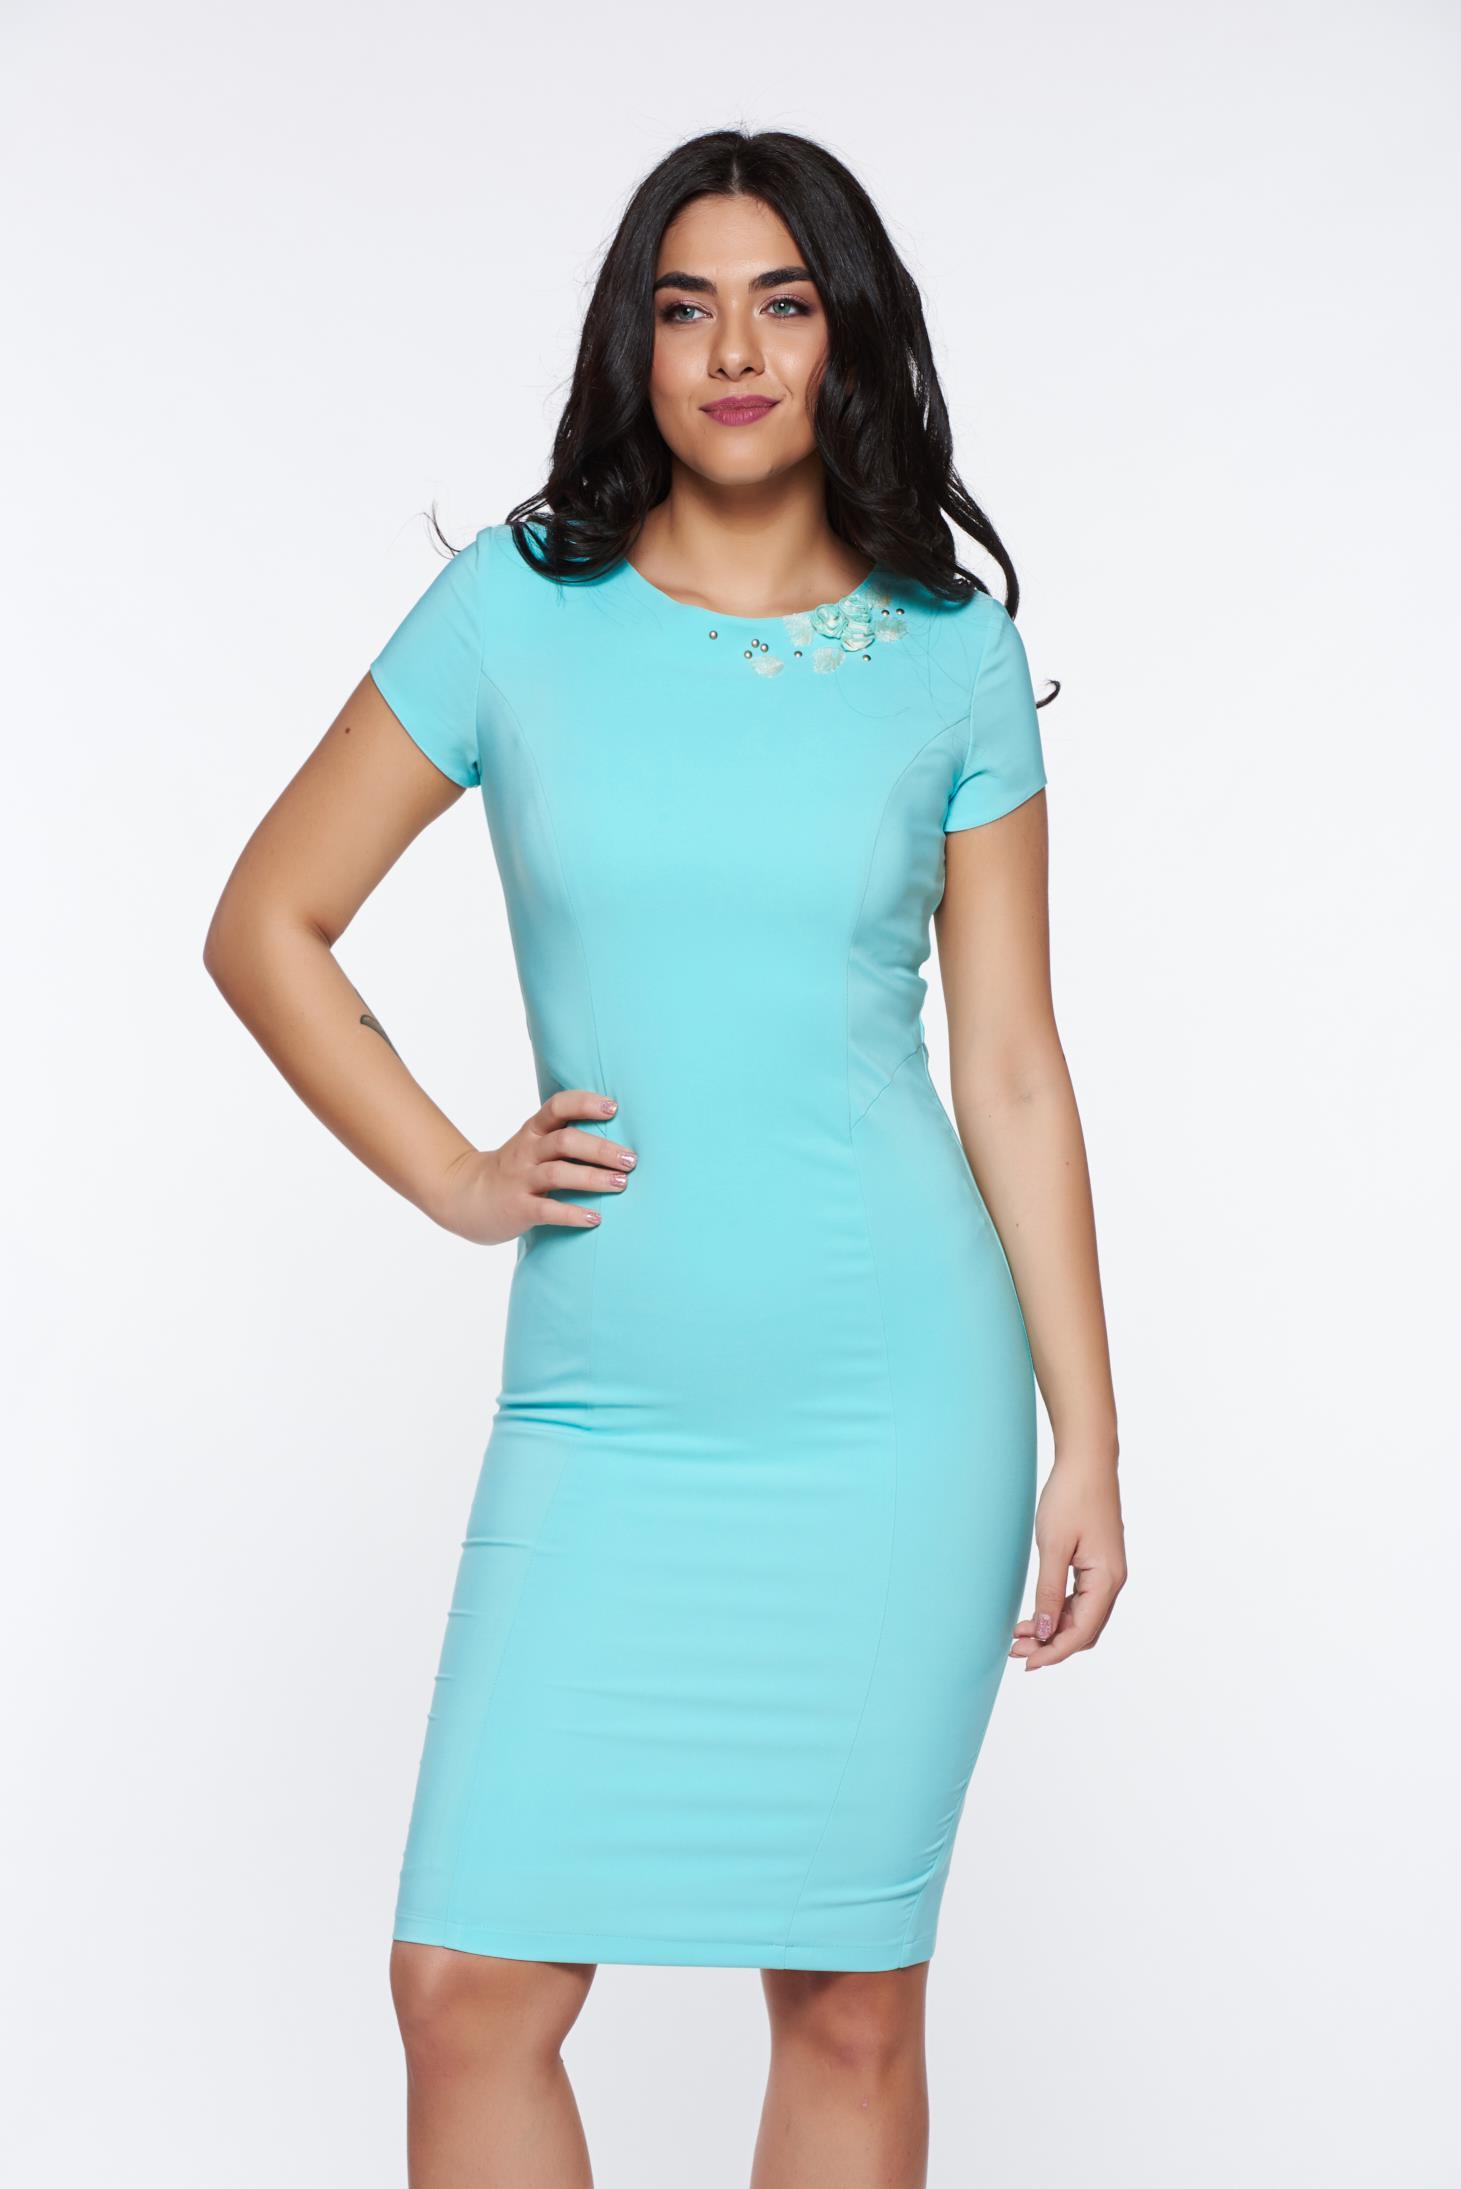 51dd252f4daa ladonna-mint-elegant-pencil-dress-handmade-applica-S035303-2-345552.jpg